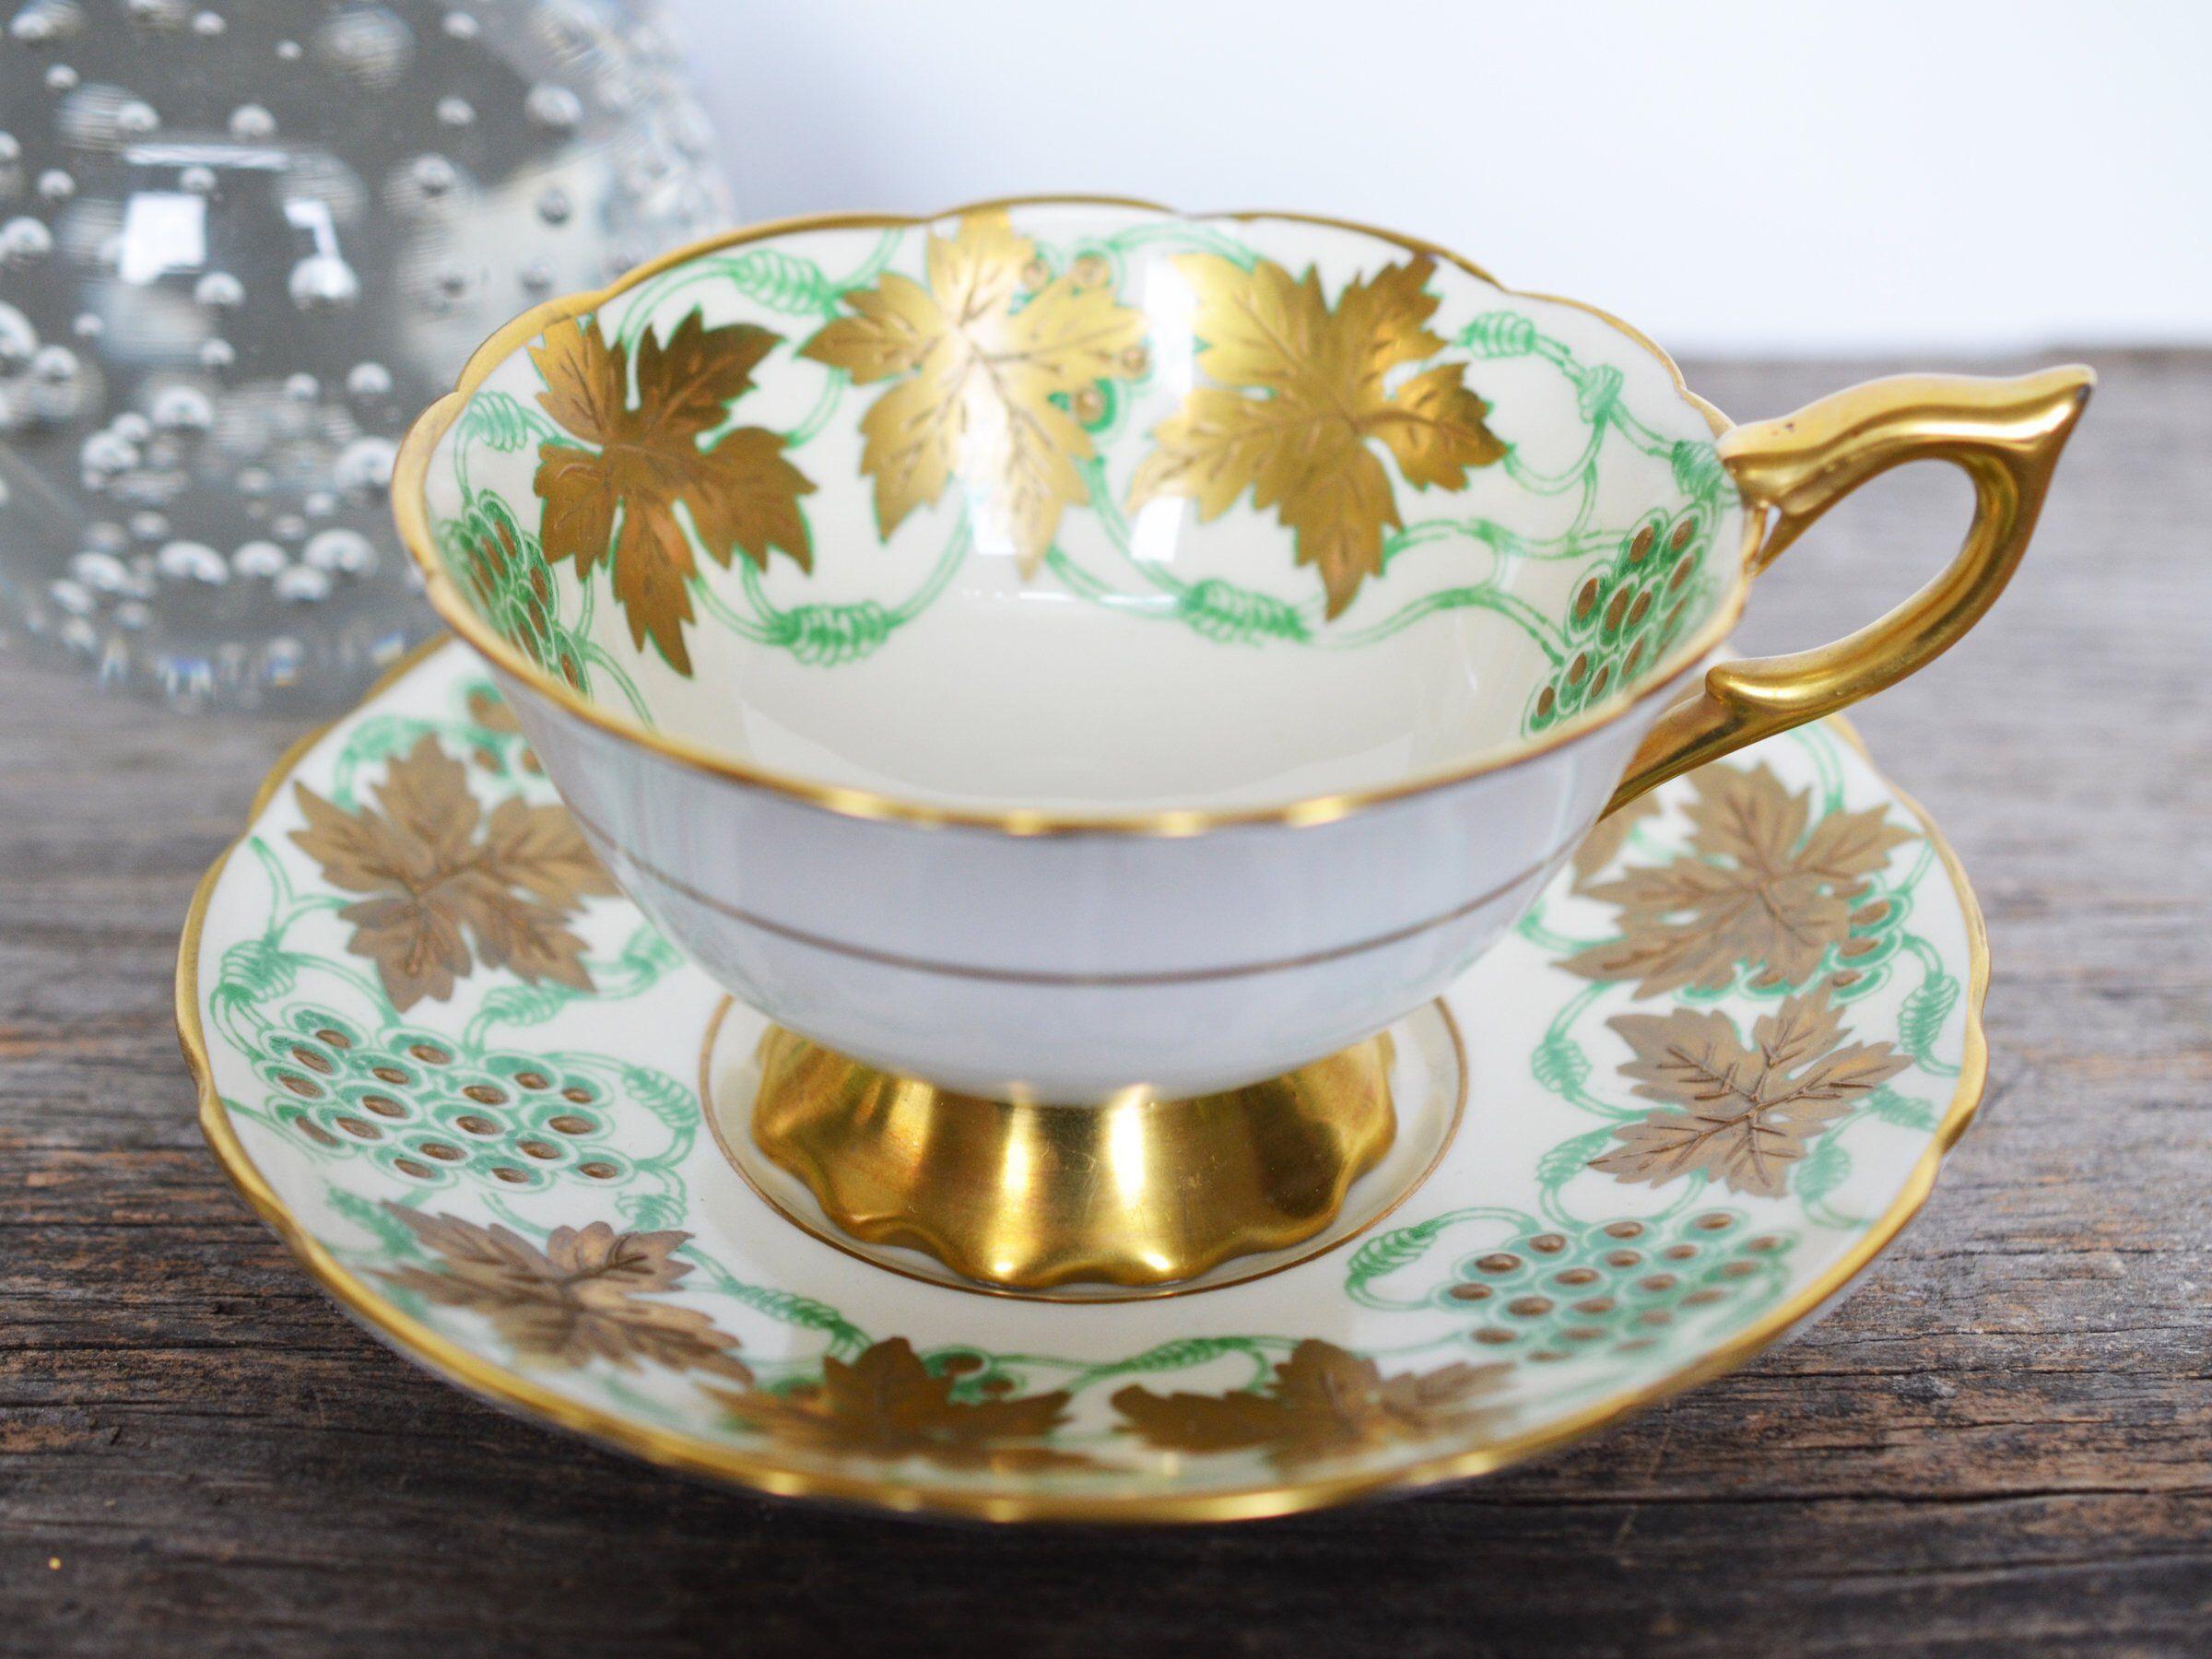 Royal Stafford Teacup And Saucer La Vigne Dor 22k Gold Hand